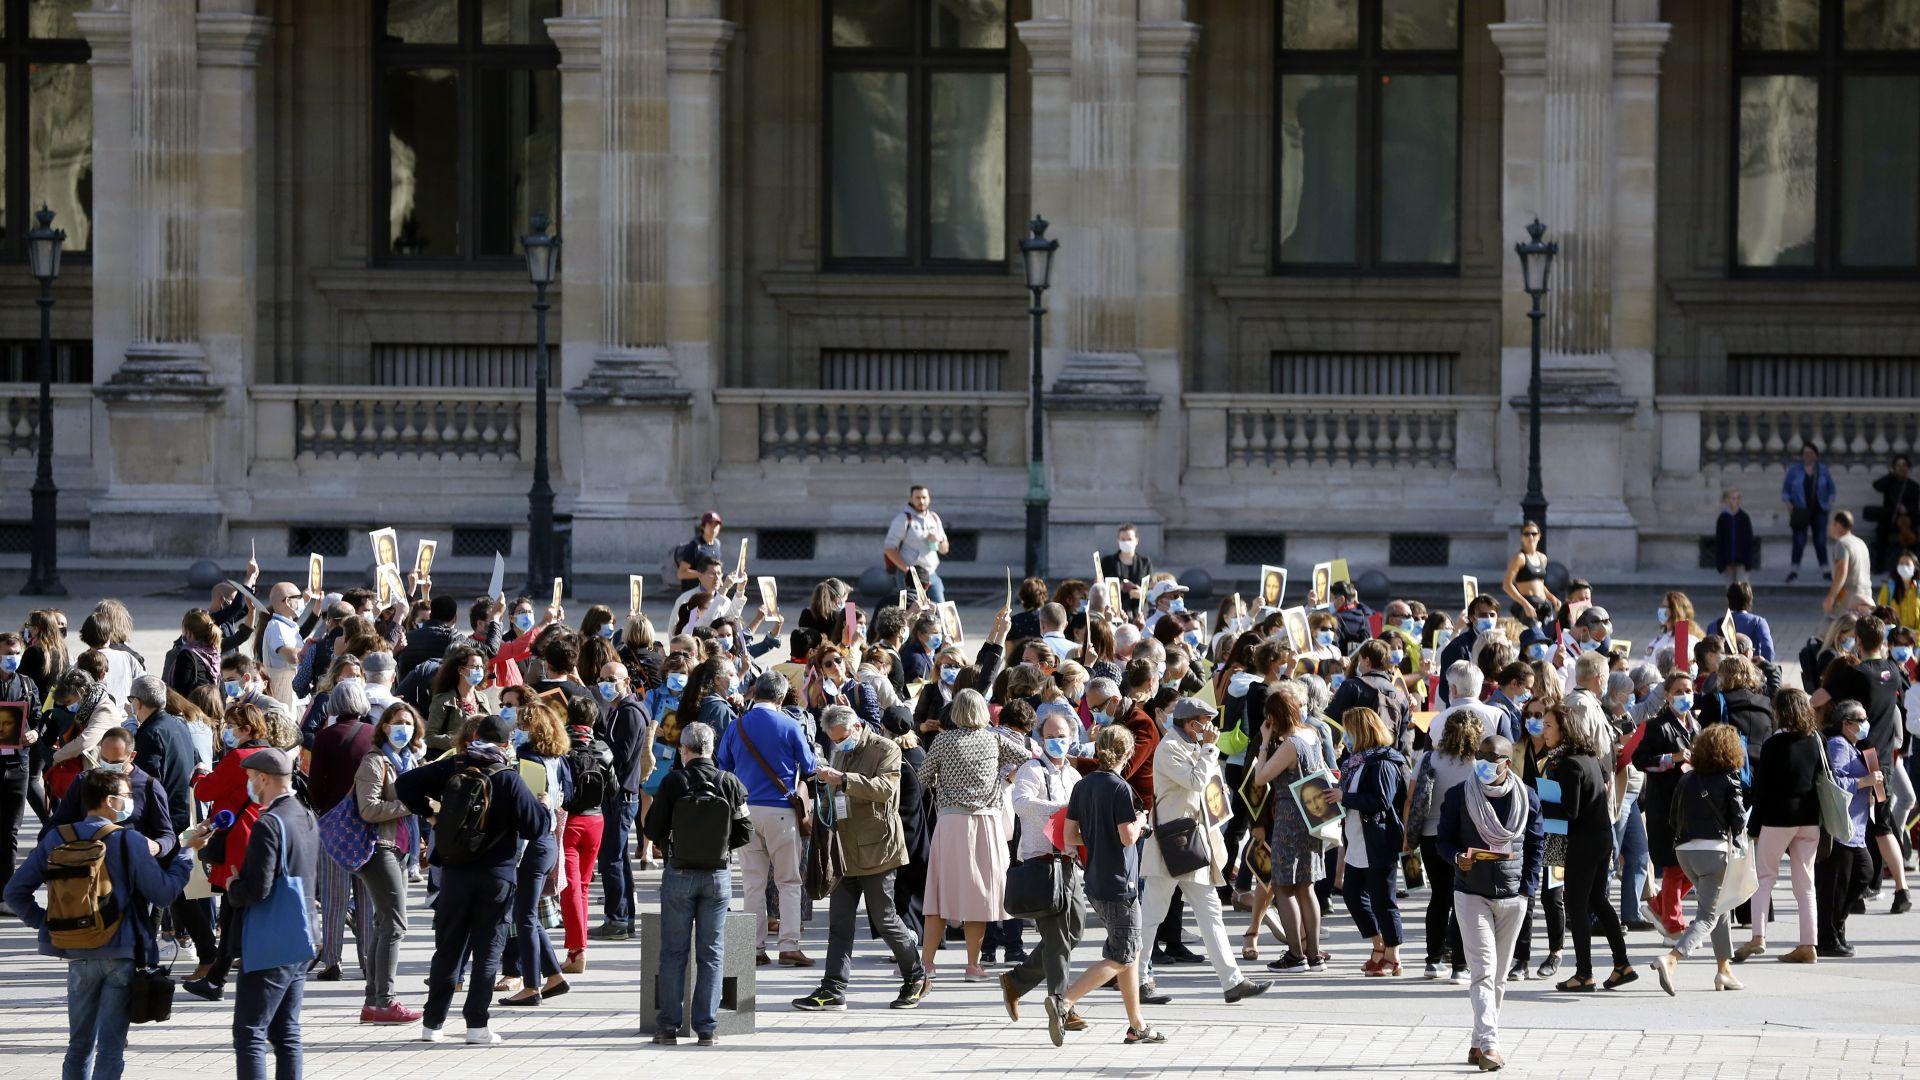 Безопасното пътуване е възможно, заяви Световната организация по туризъм